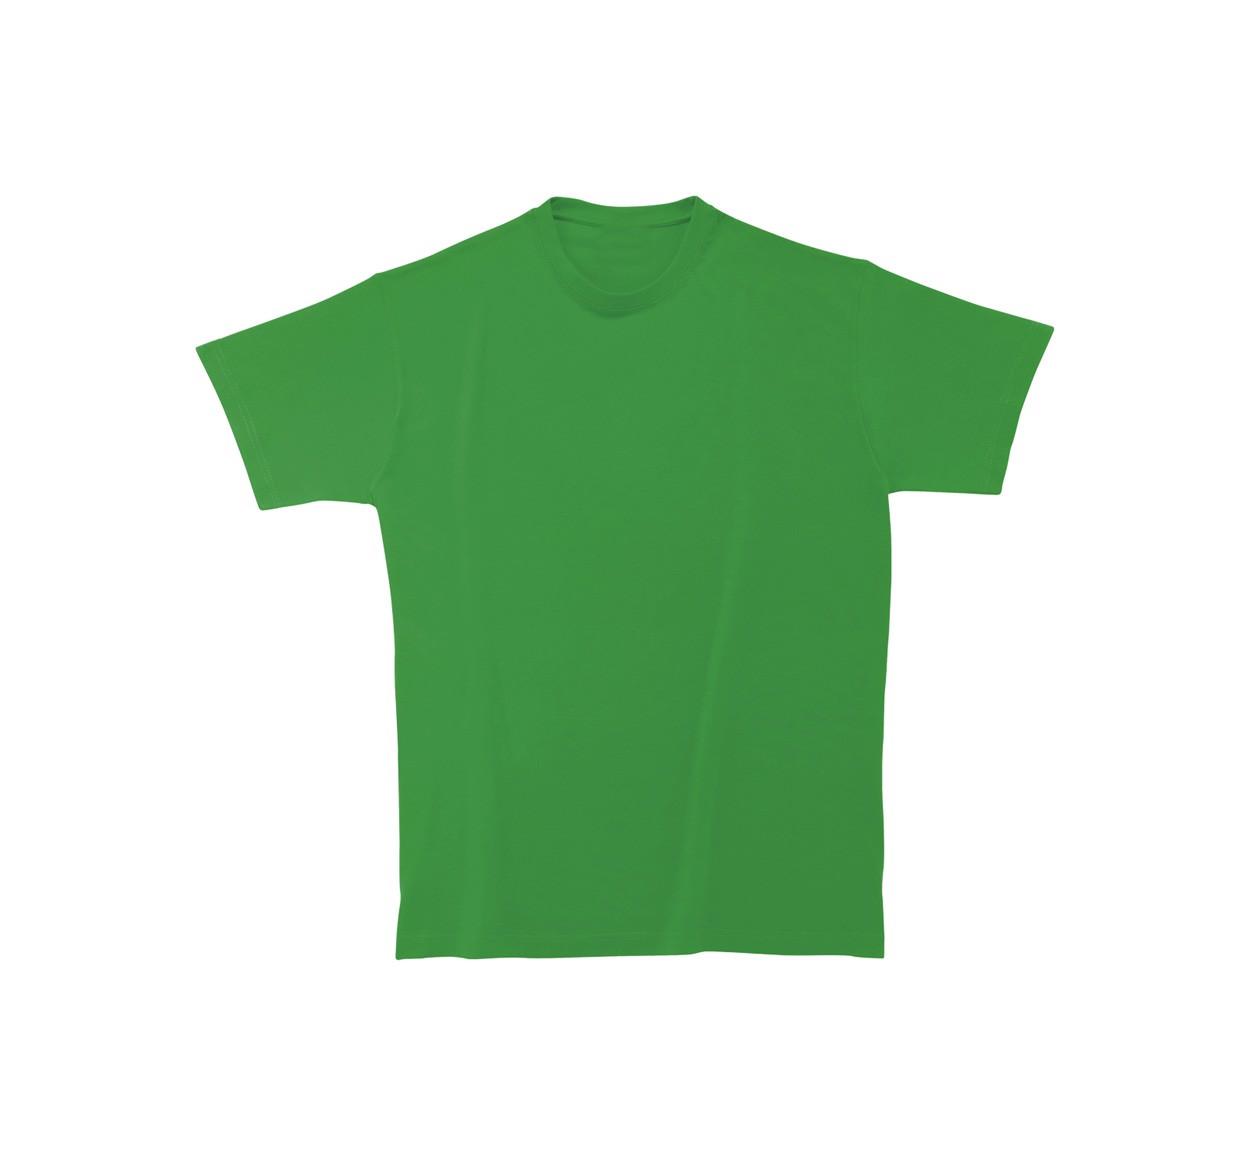 Tričko Softstyle Man - Zelená / S